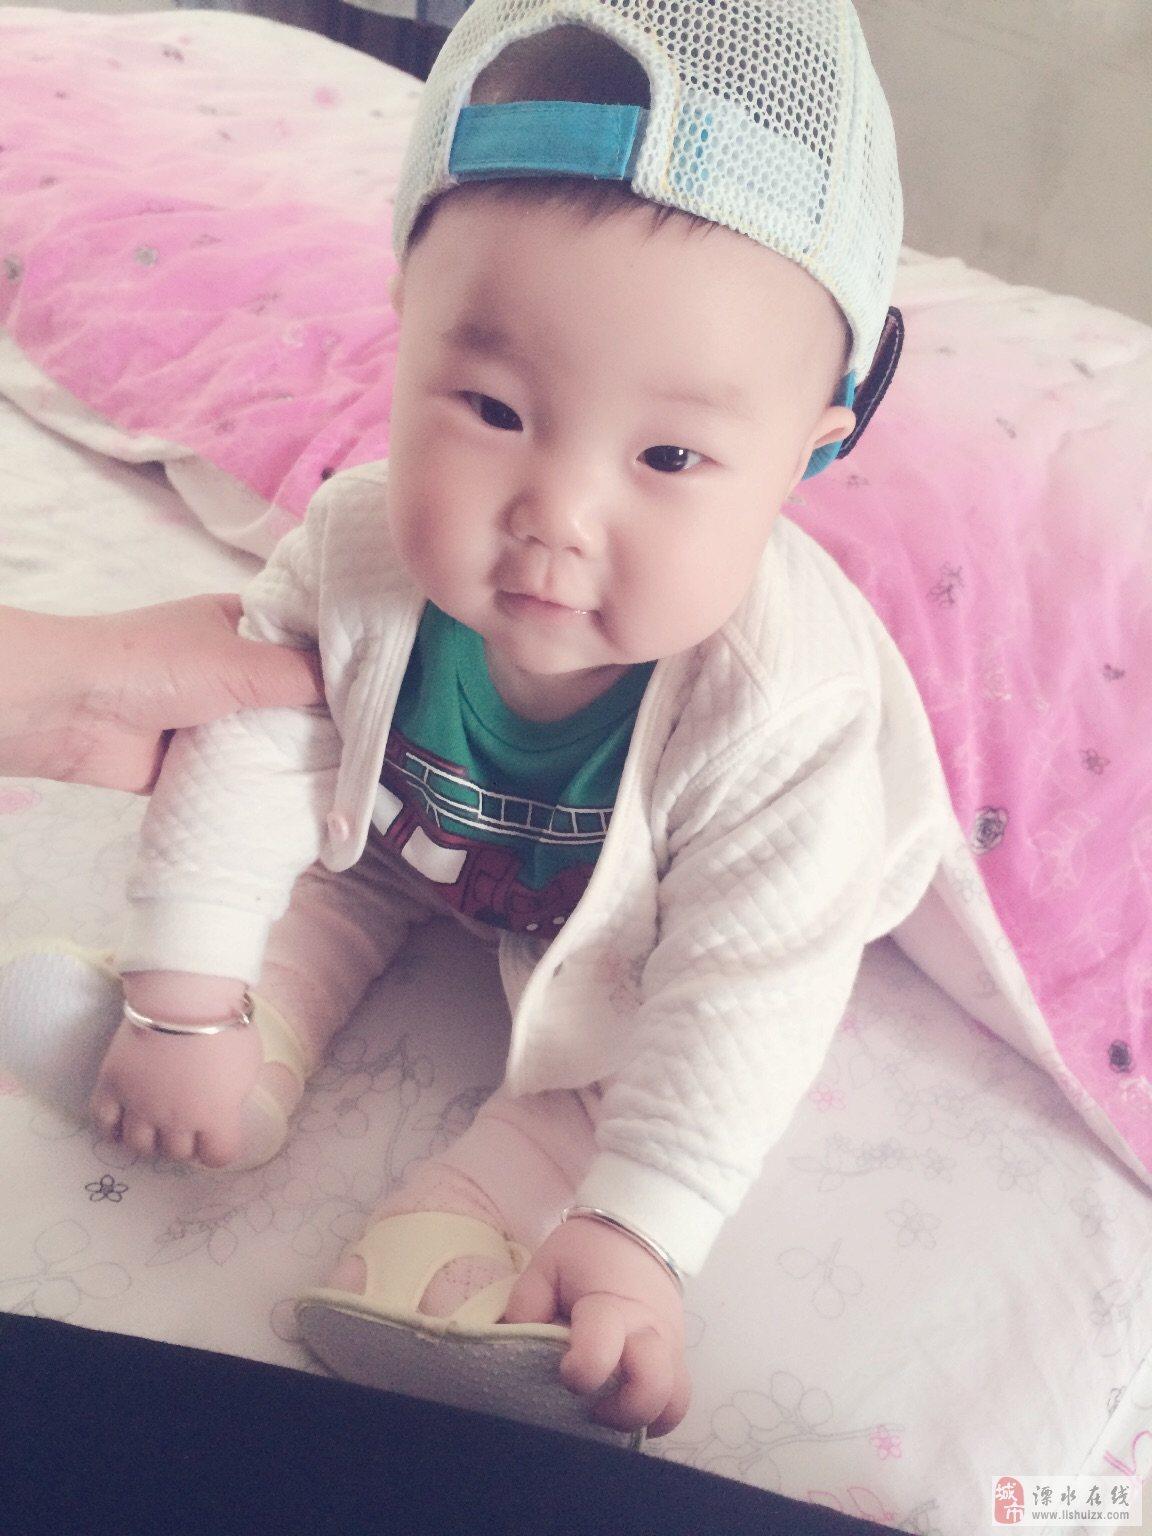 【萌宝秀场】陈俊豪 男宝 2014-12-07出生